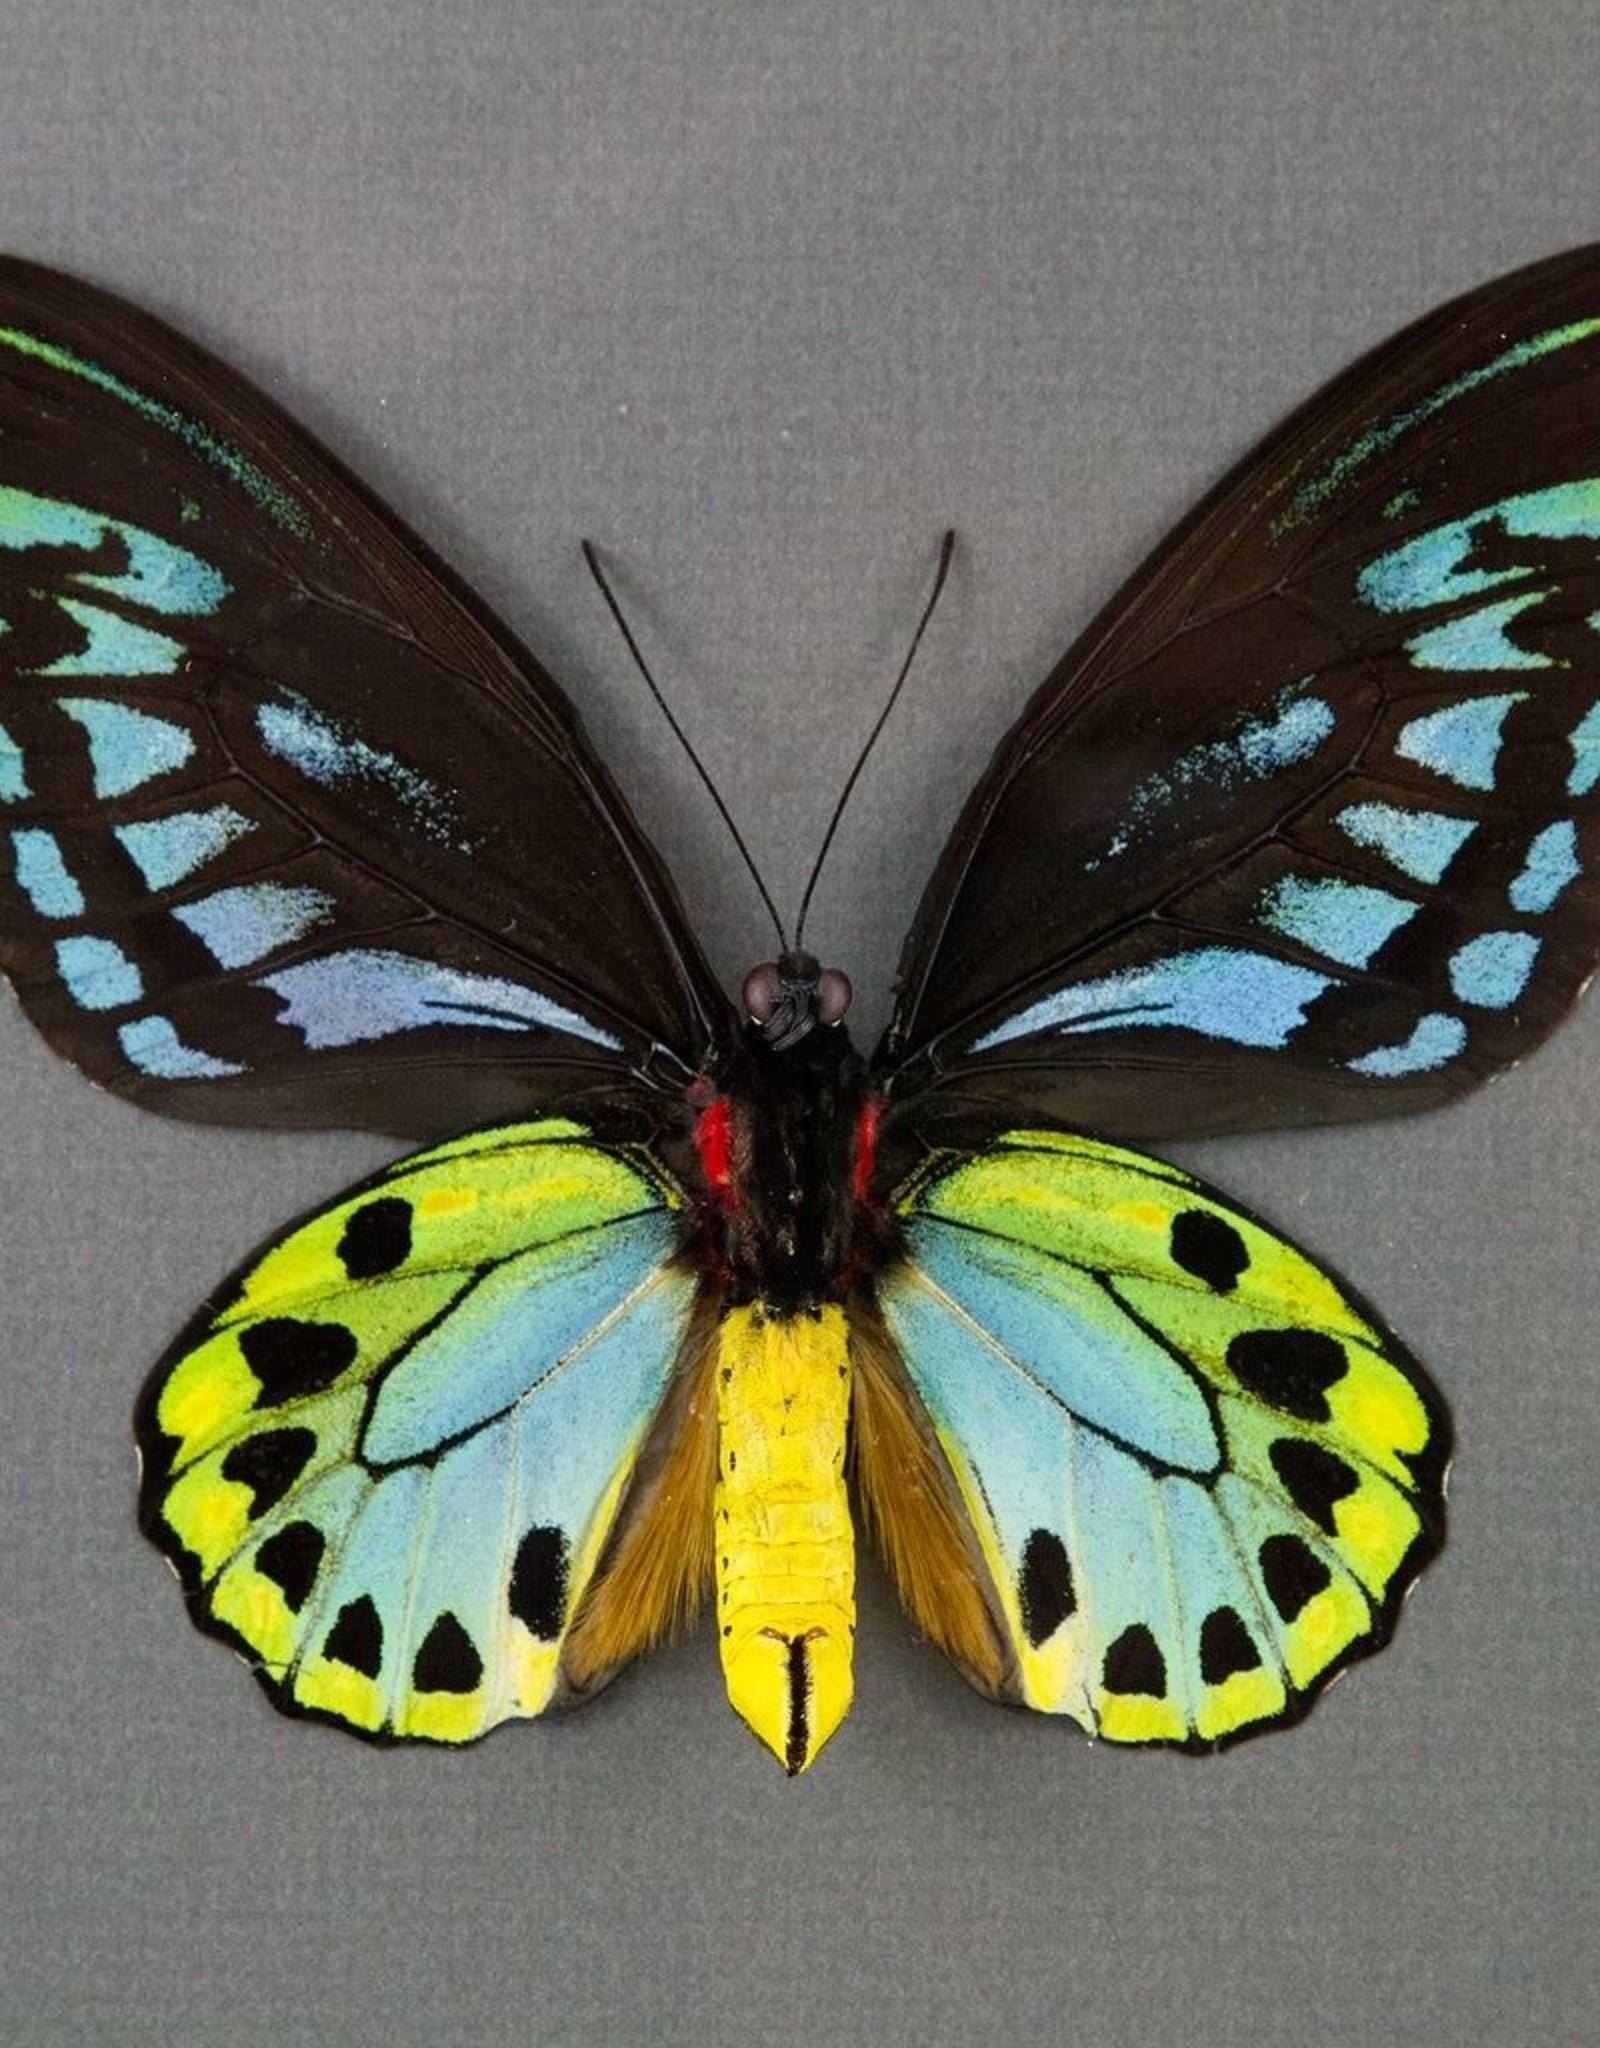 Ornithoptera priamus urvillianus f. flavomaculata M A1- Indonesia